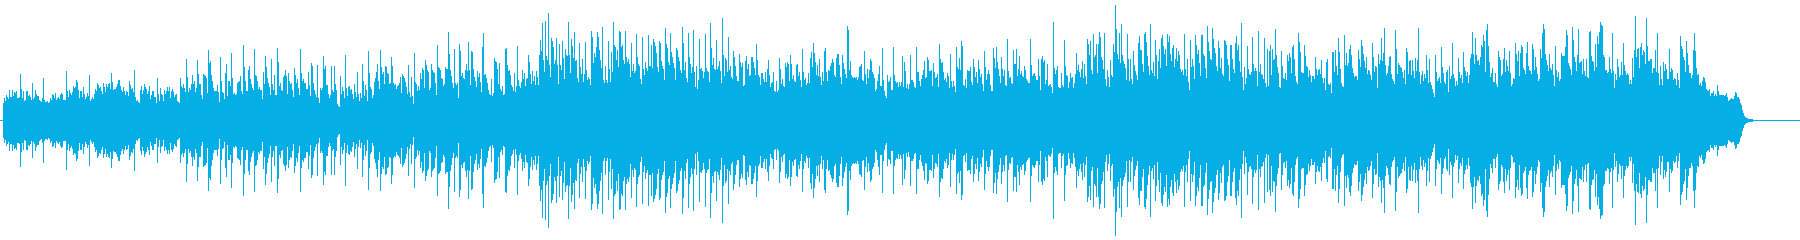 キャンドルサービスに最適なバラードの再生済みの波形